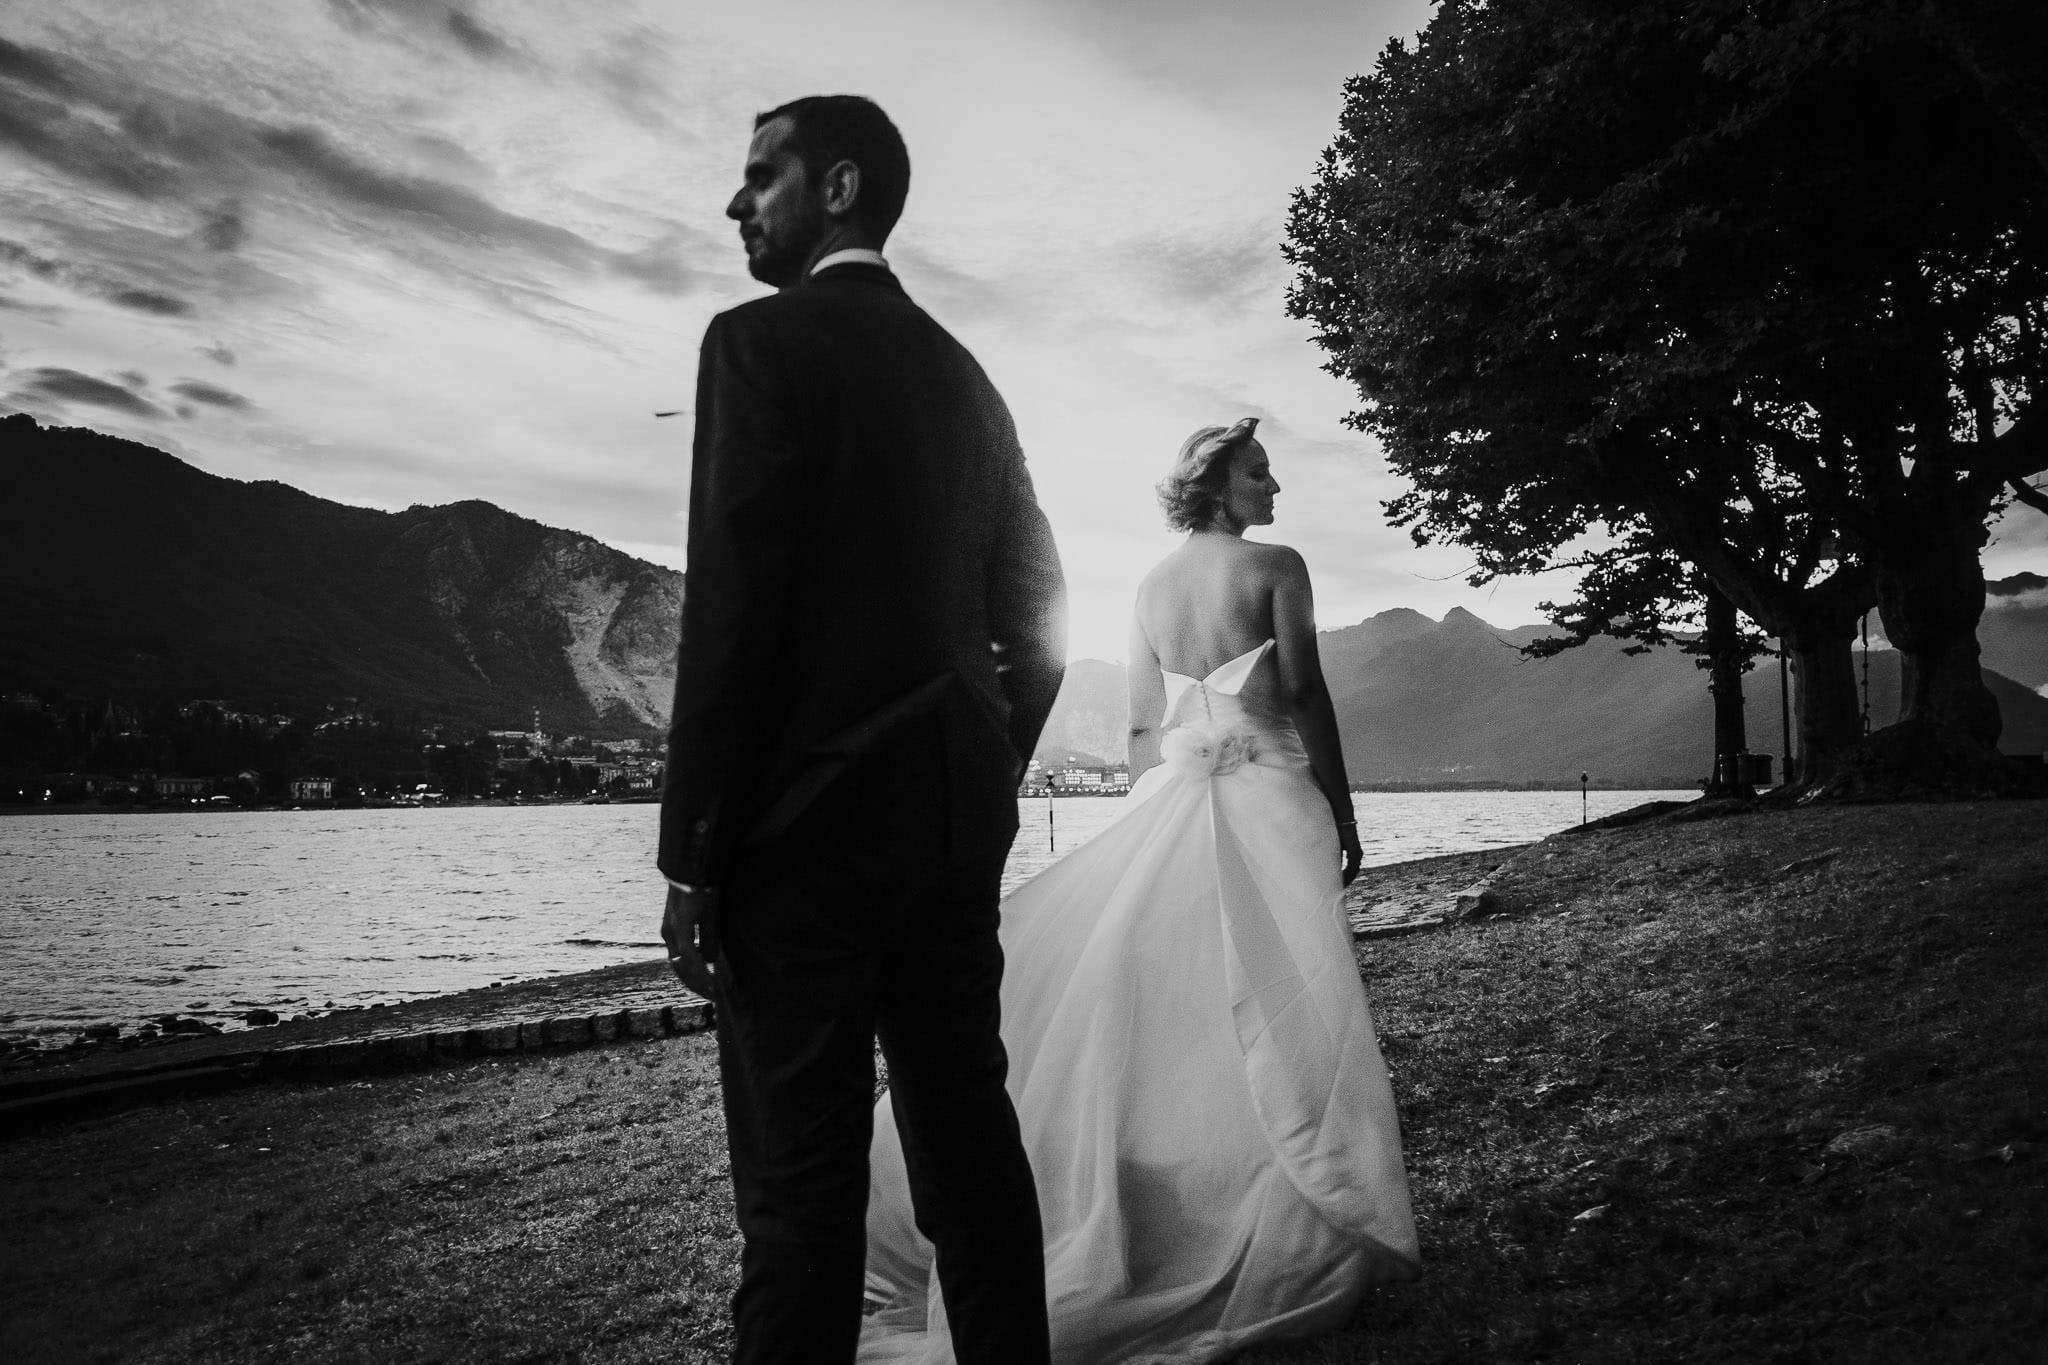 matrimonio Lago maggiore isola dei pescatori6014